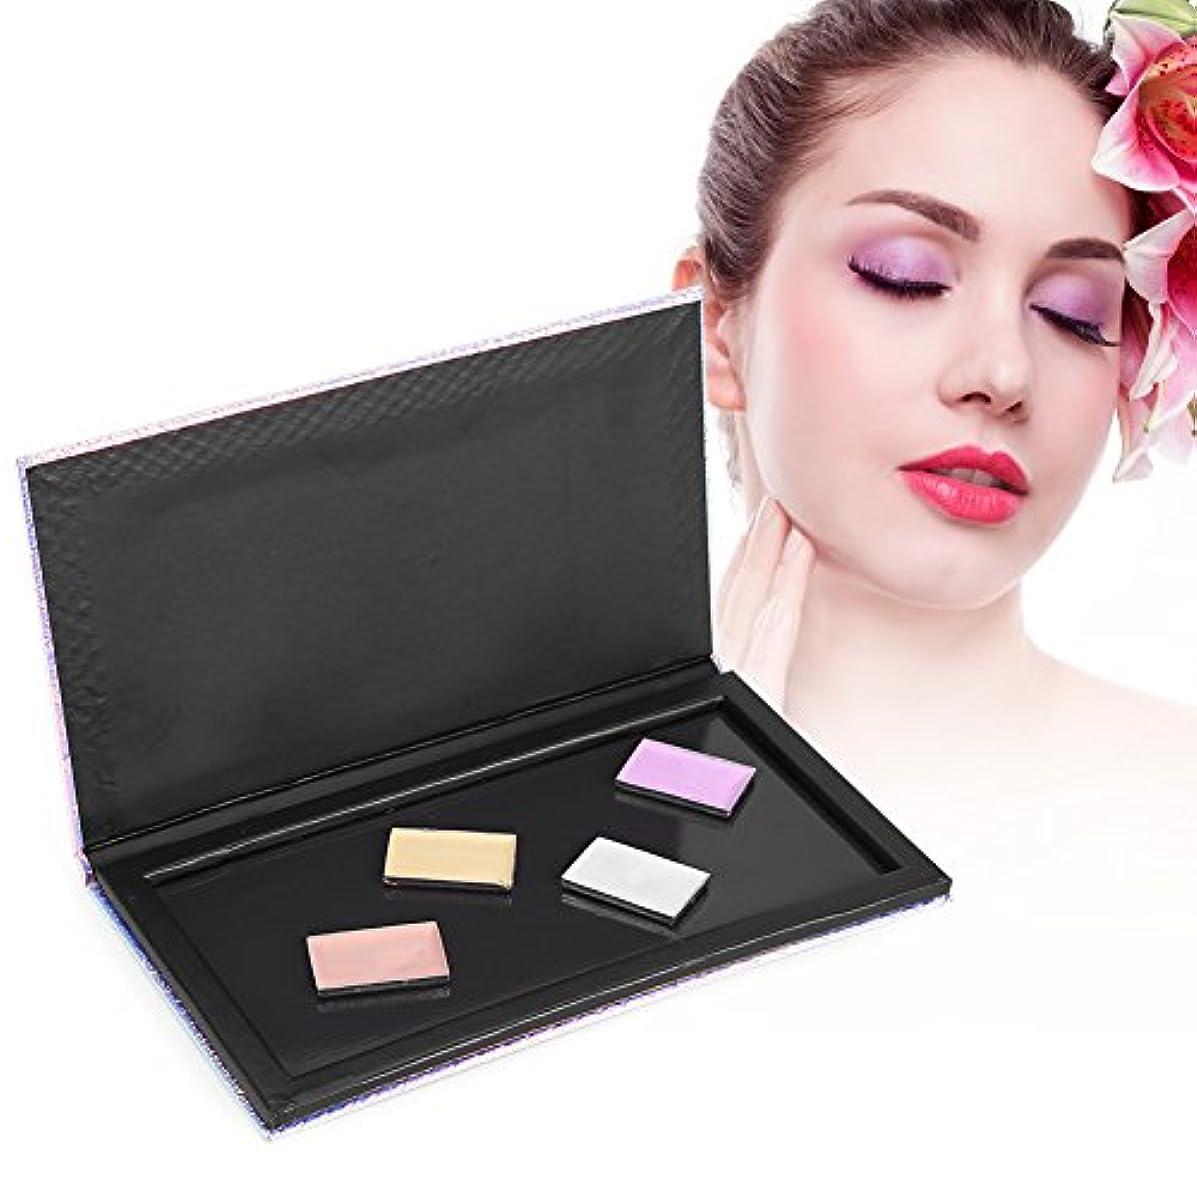 推測タブレット債務空のアイシャドウブラッシュ 化粧品ケース 収納ケース パレットグラデーションカラー 磁気化粧収納ボックス 18 * 10CM